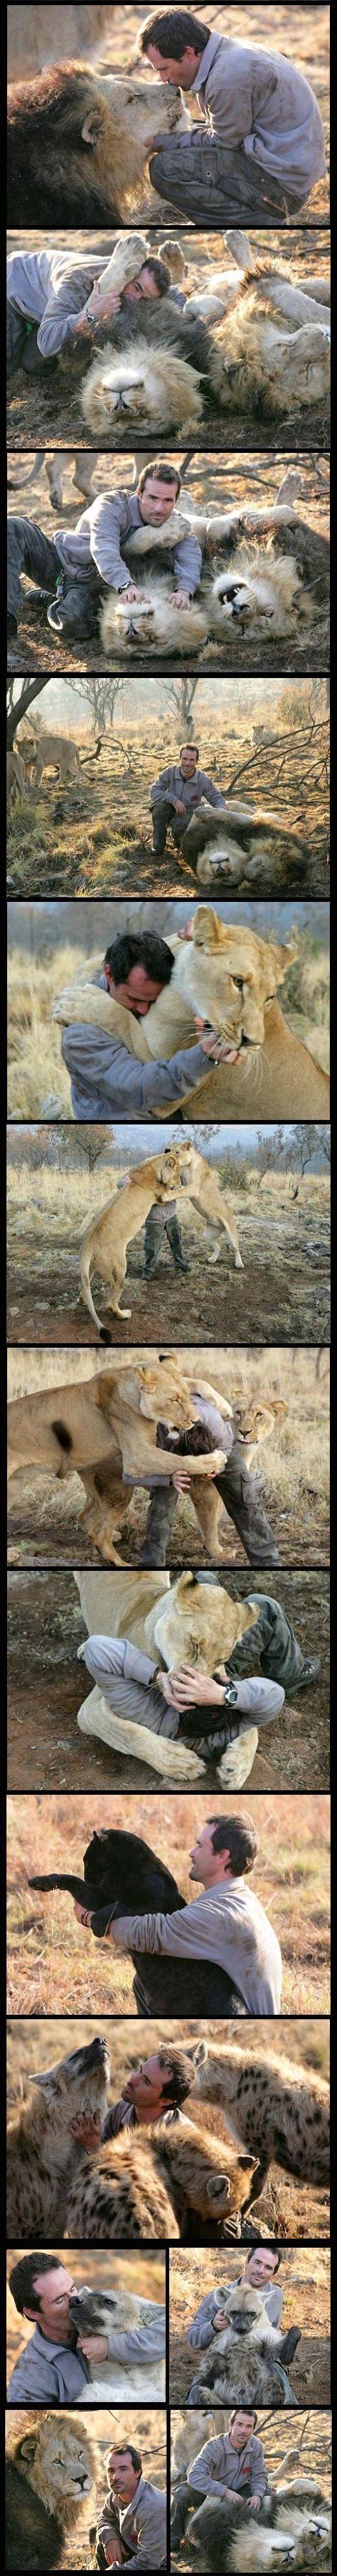 Кевин Ричардсон в заповеднике дикой природы в Южной Африке